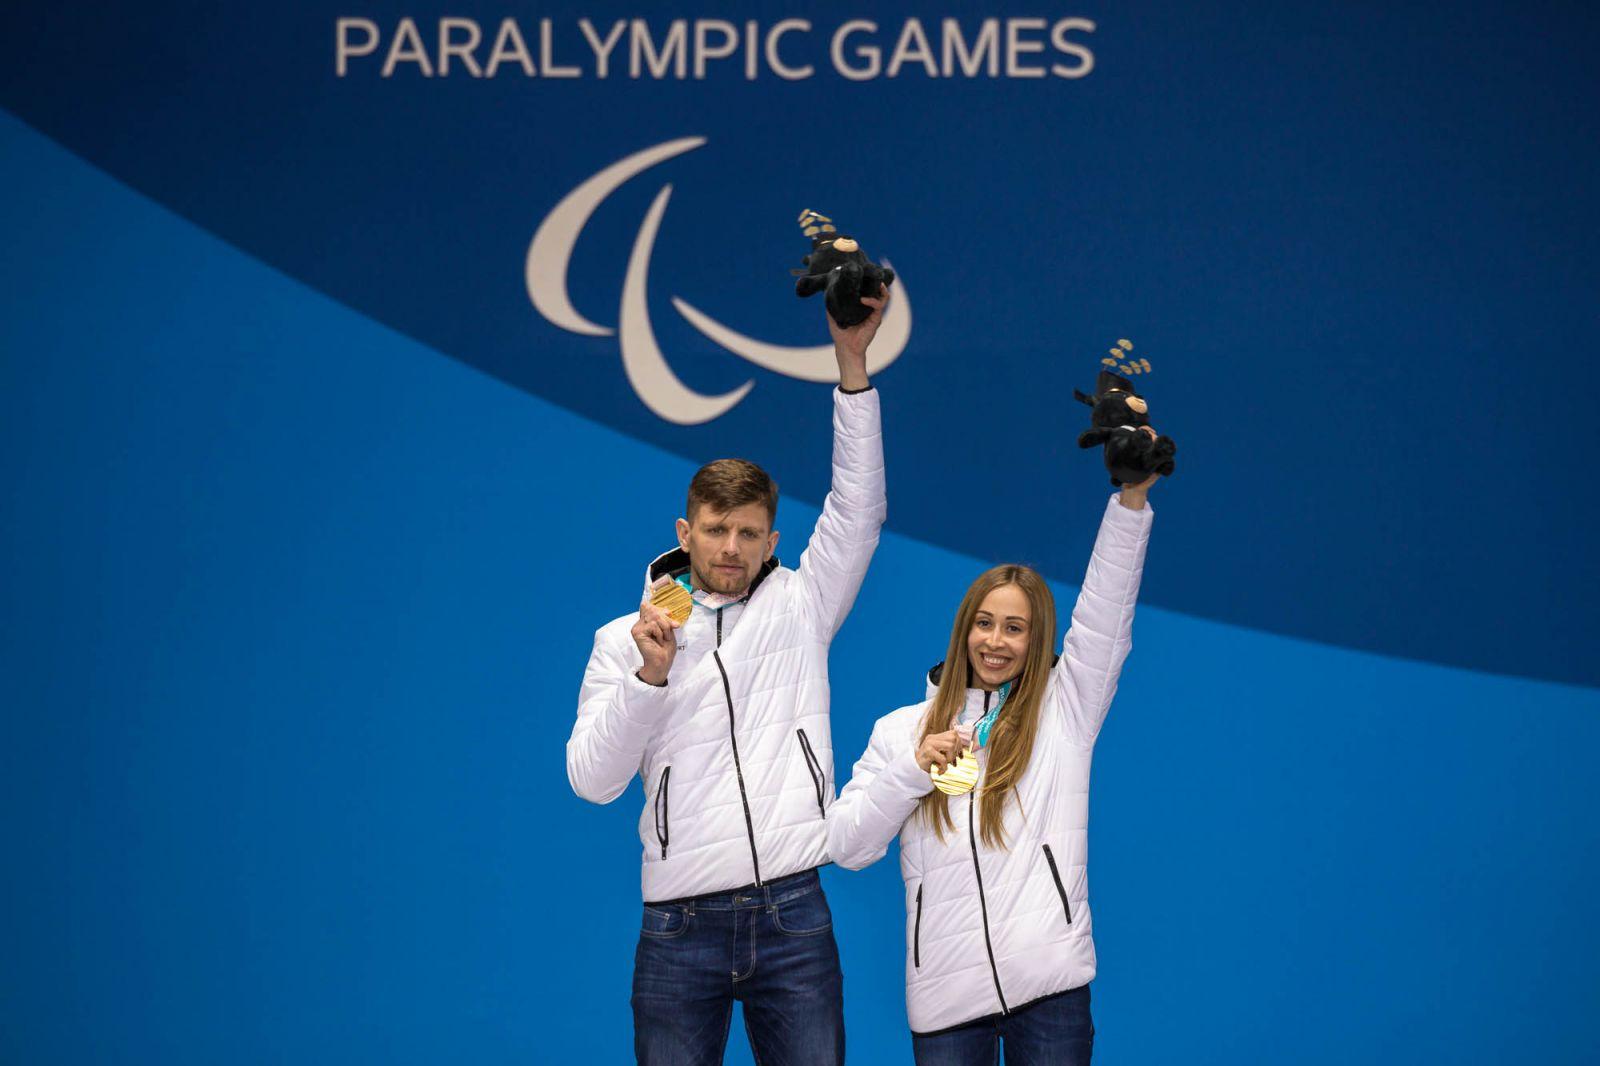 Паралимпиада-2018. Итоги 8 дня соревнований. Российские спортсмены завоевали 2 серебряные и 2 бронзовые медали